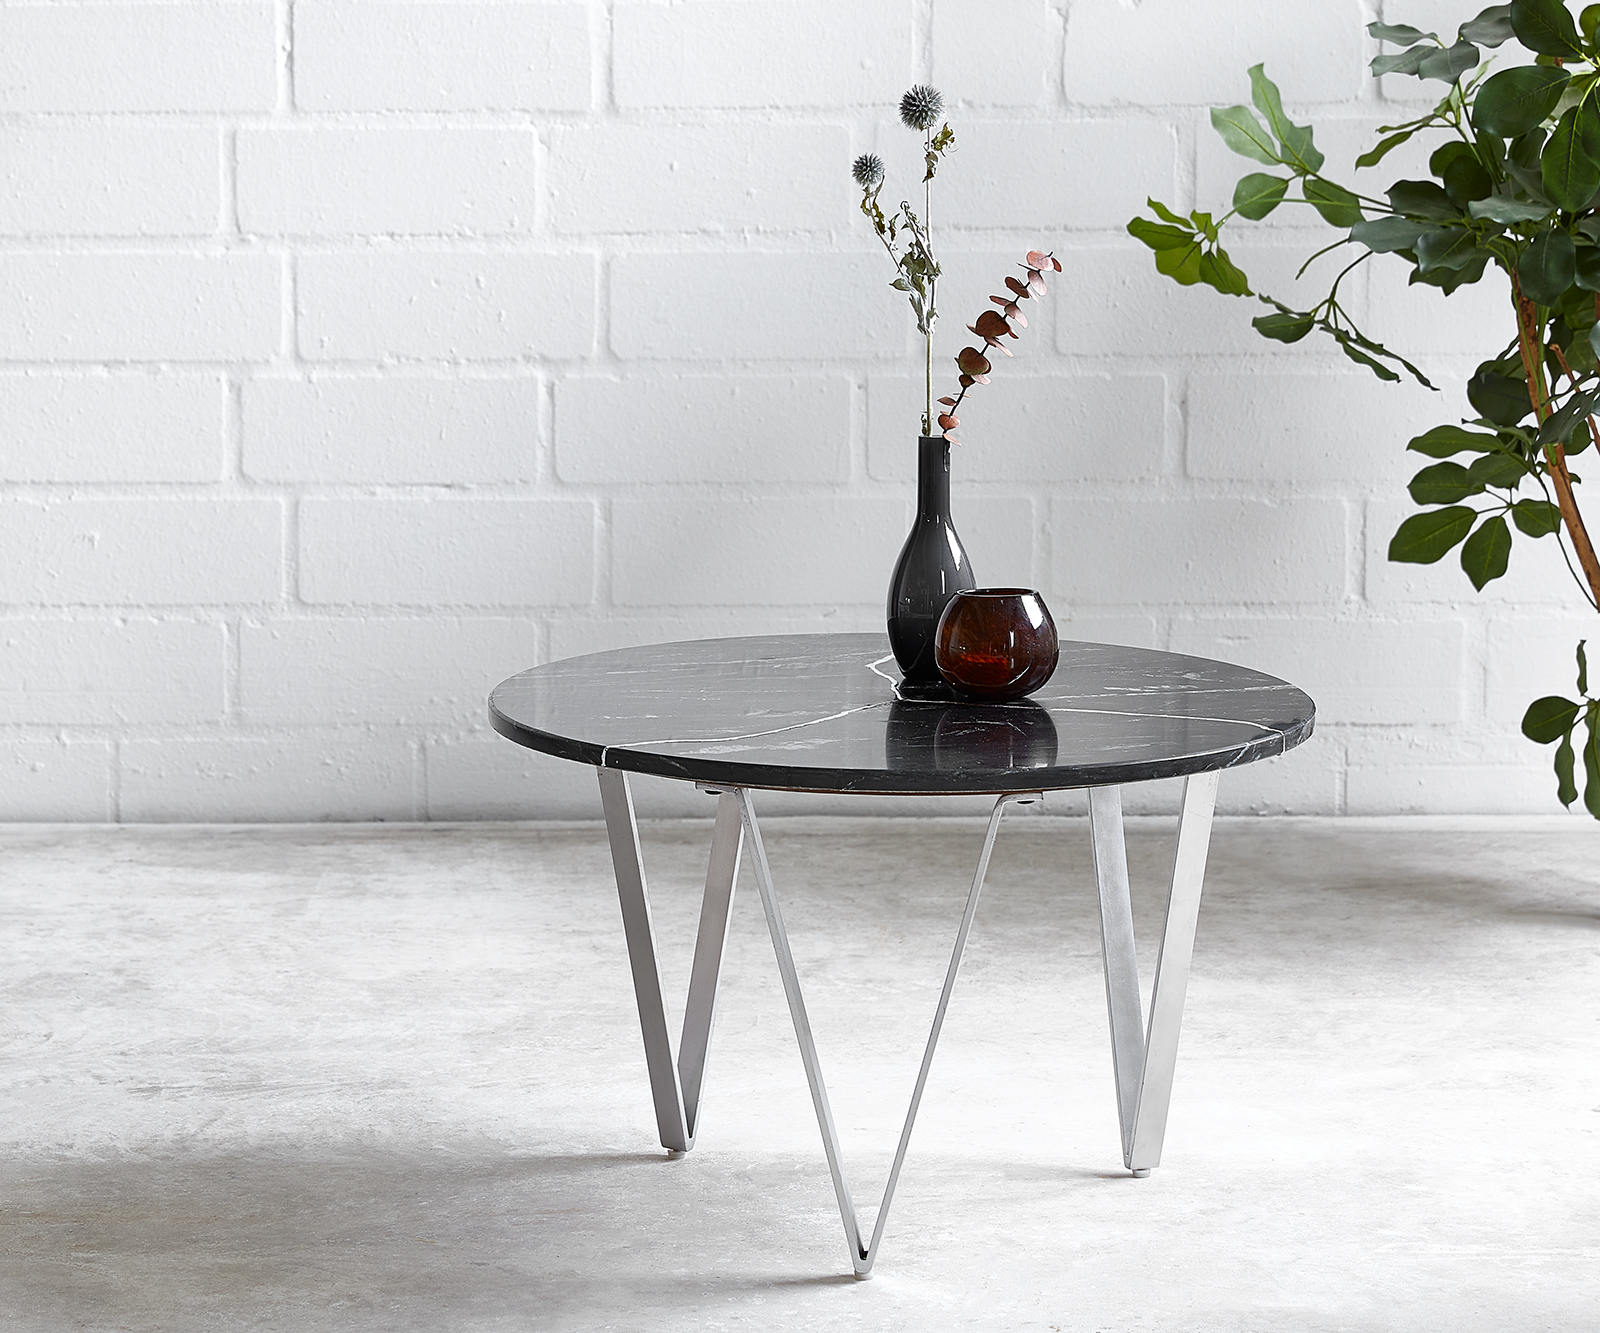 delife-couchtisch-luminoso-60x60-cm-marmor-schwarz-mit-metallgestell-couchtische